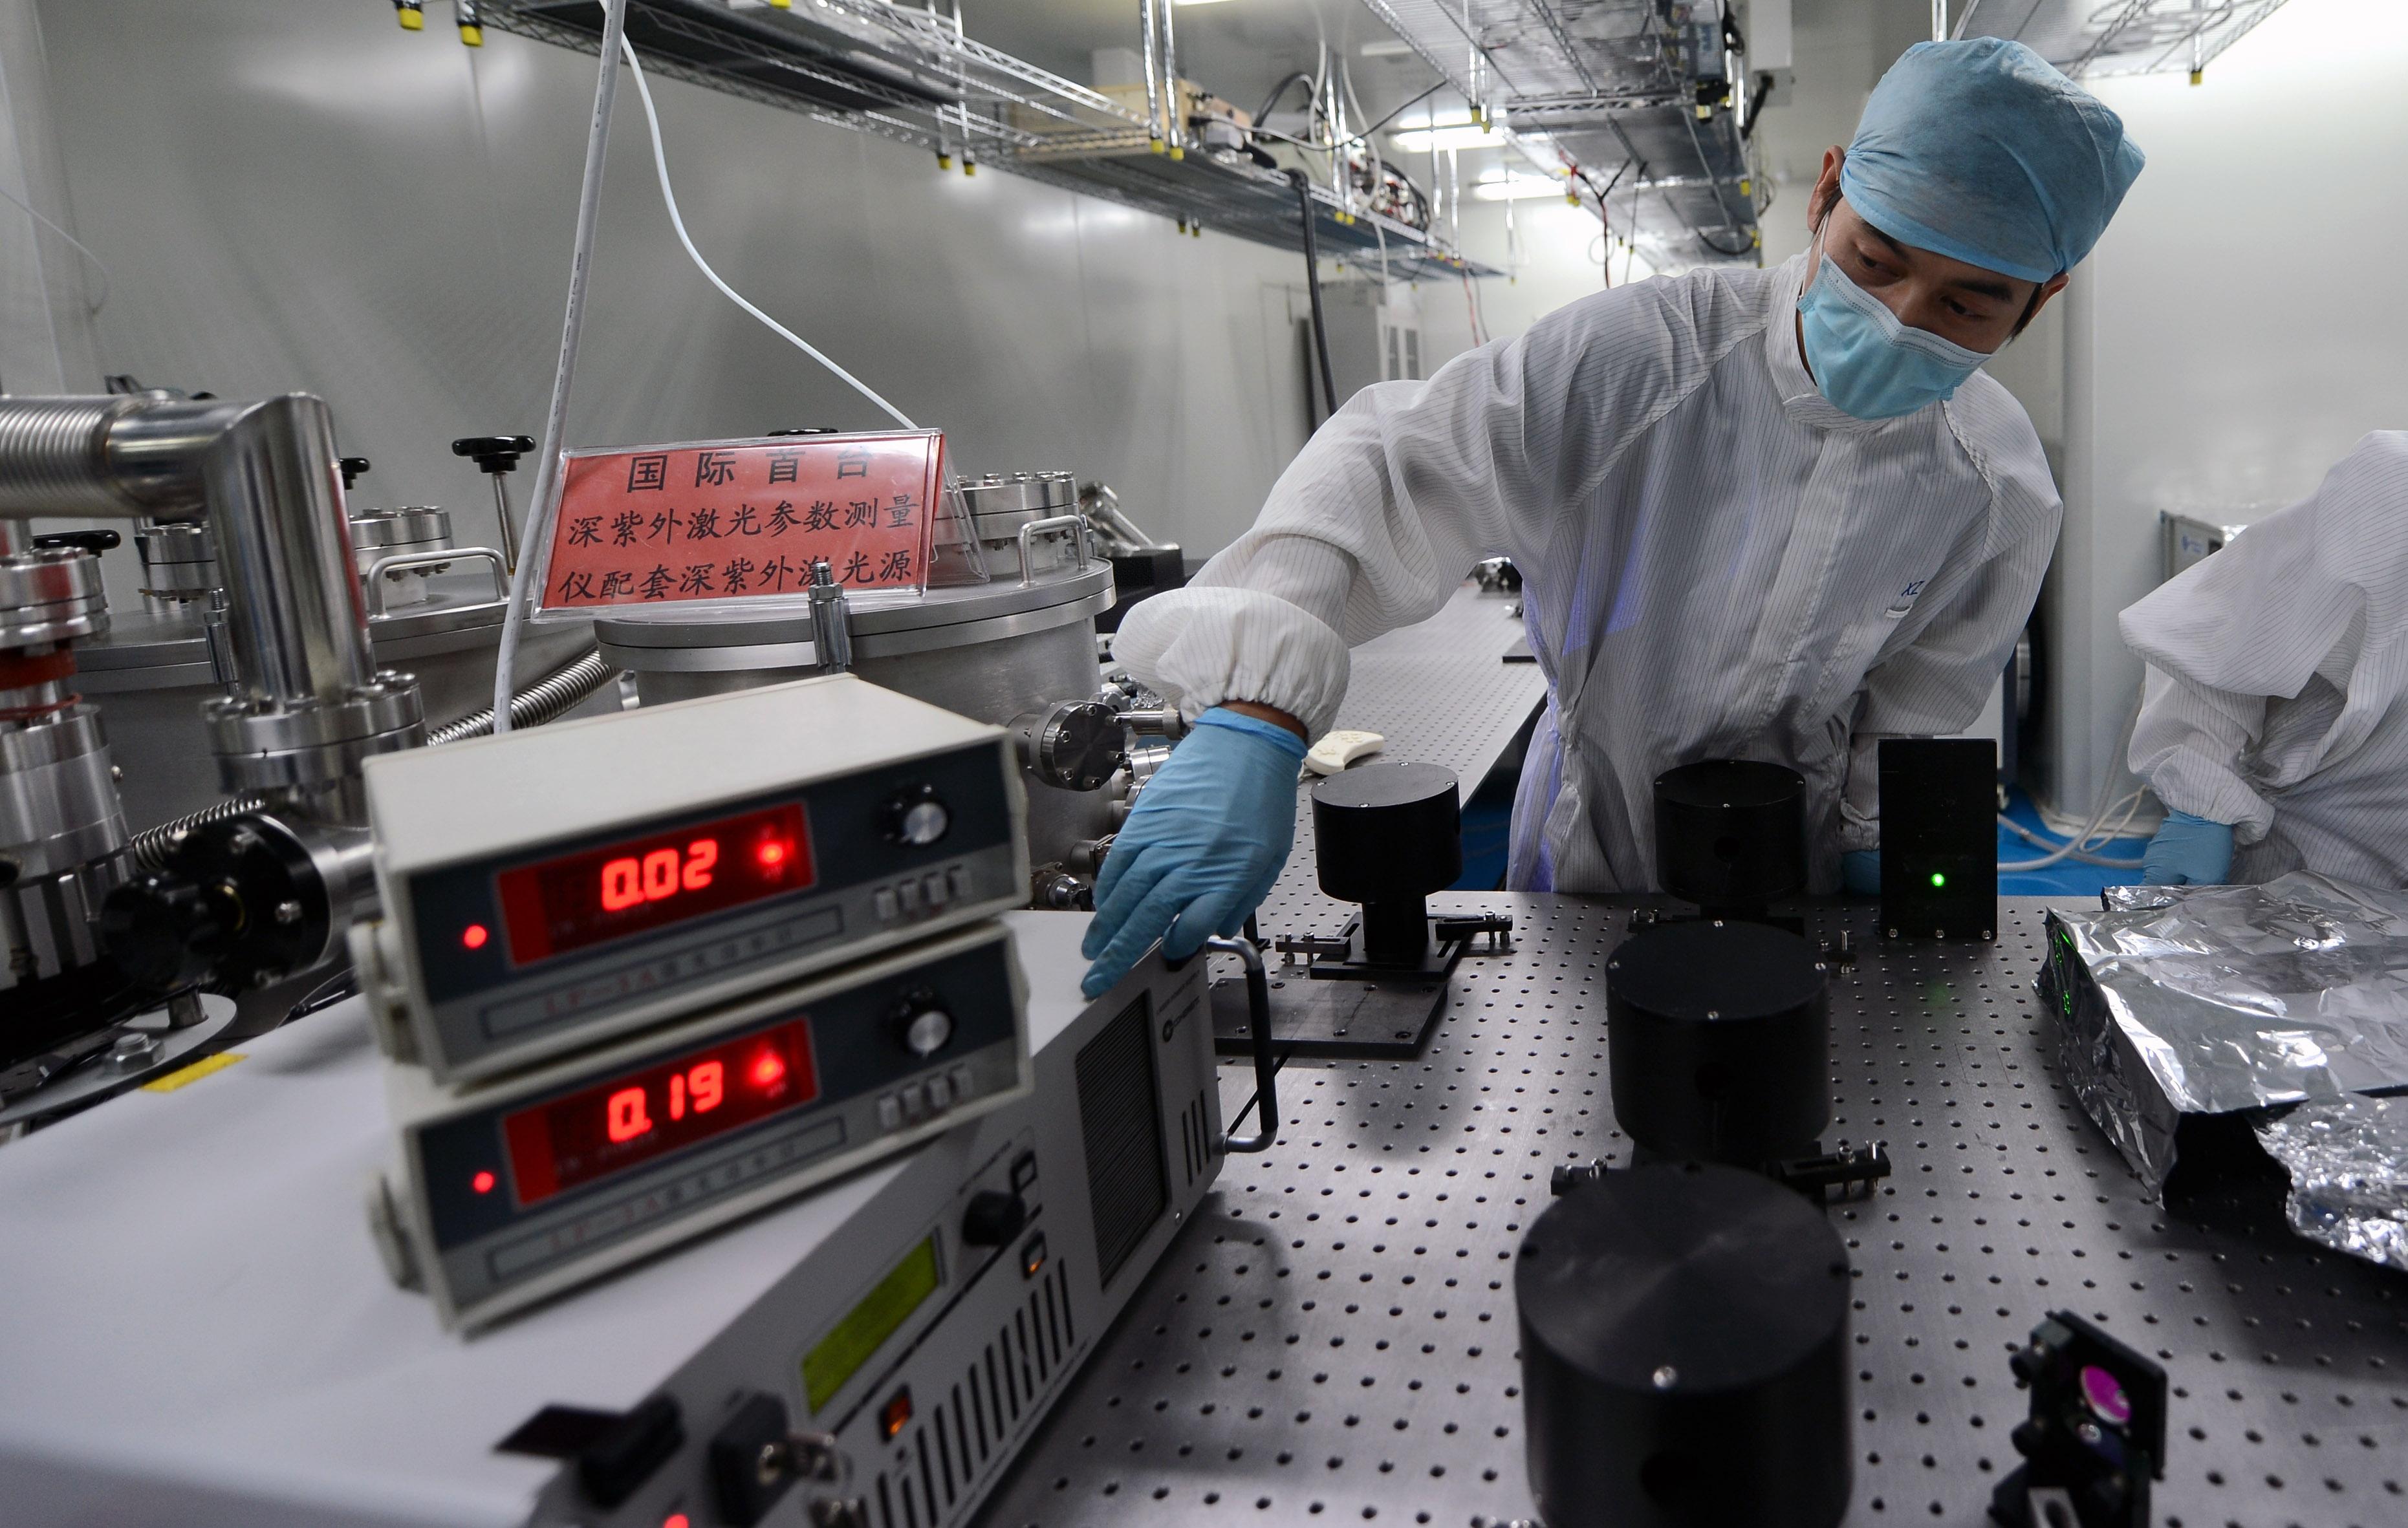 中国超级激光器可撕裂真空 美媒:功率等于世界总电力1万倍